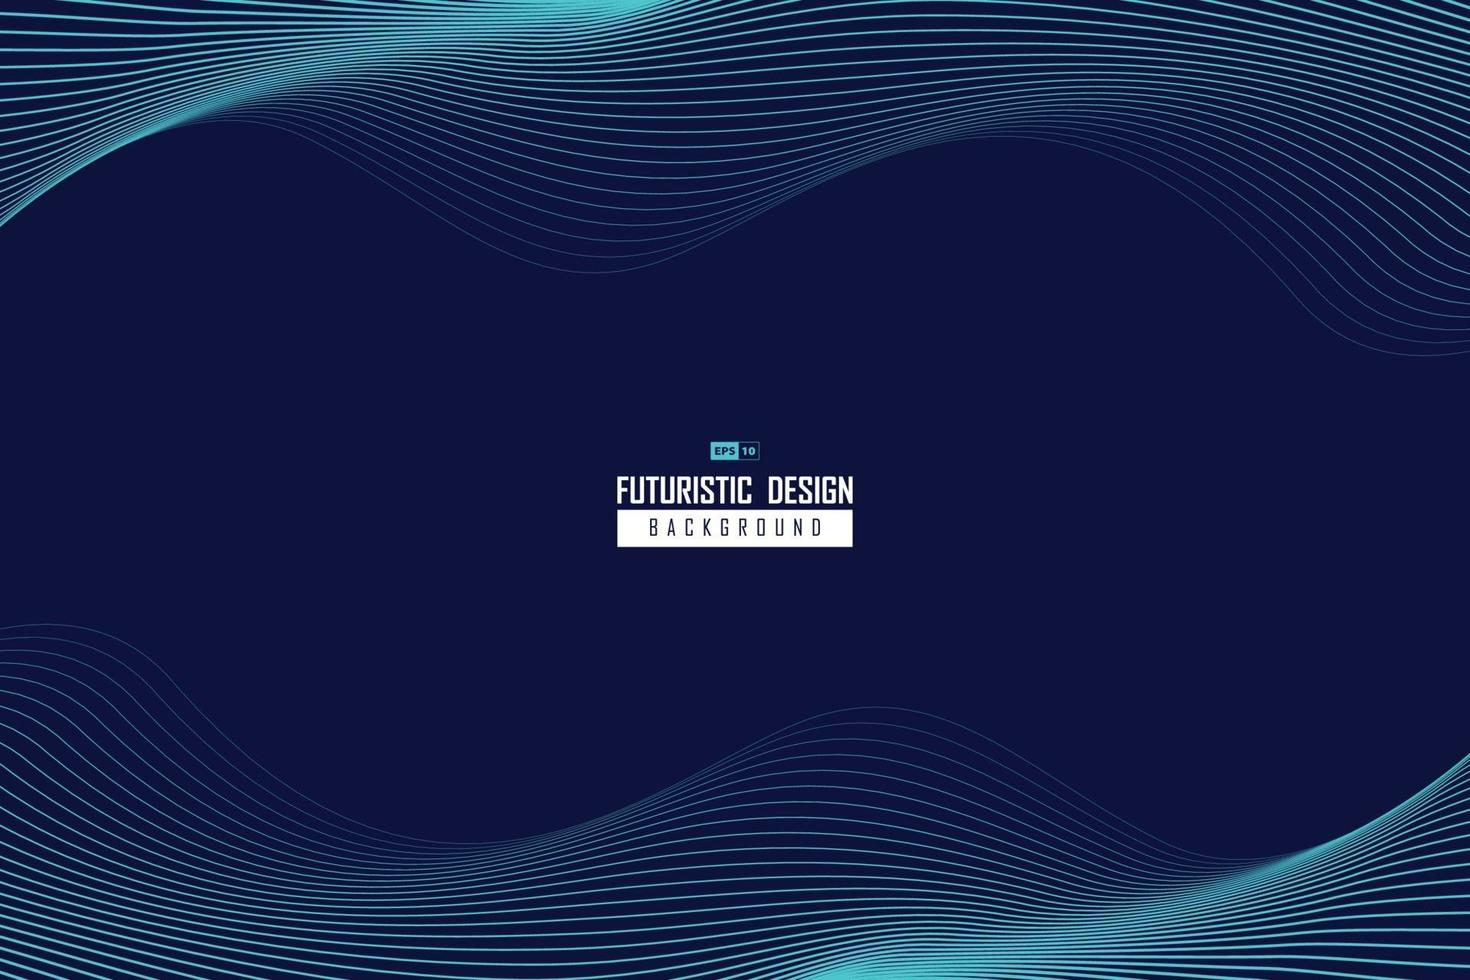 abstrakt vågig blå linje design av teknik mönster rörelse bakgrund. illustration vektor eps10